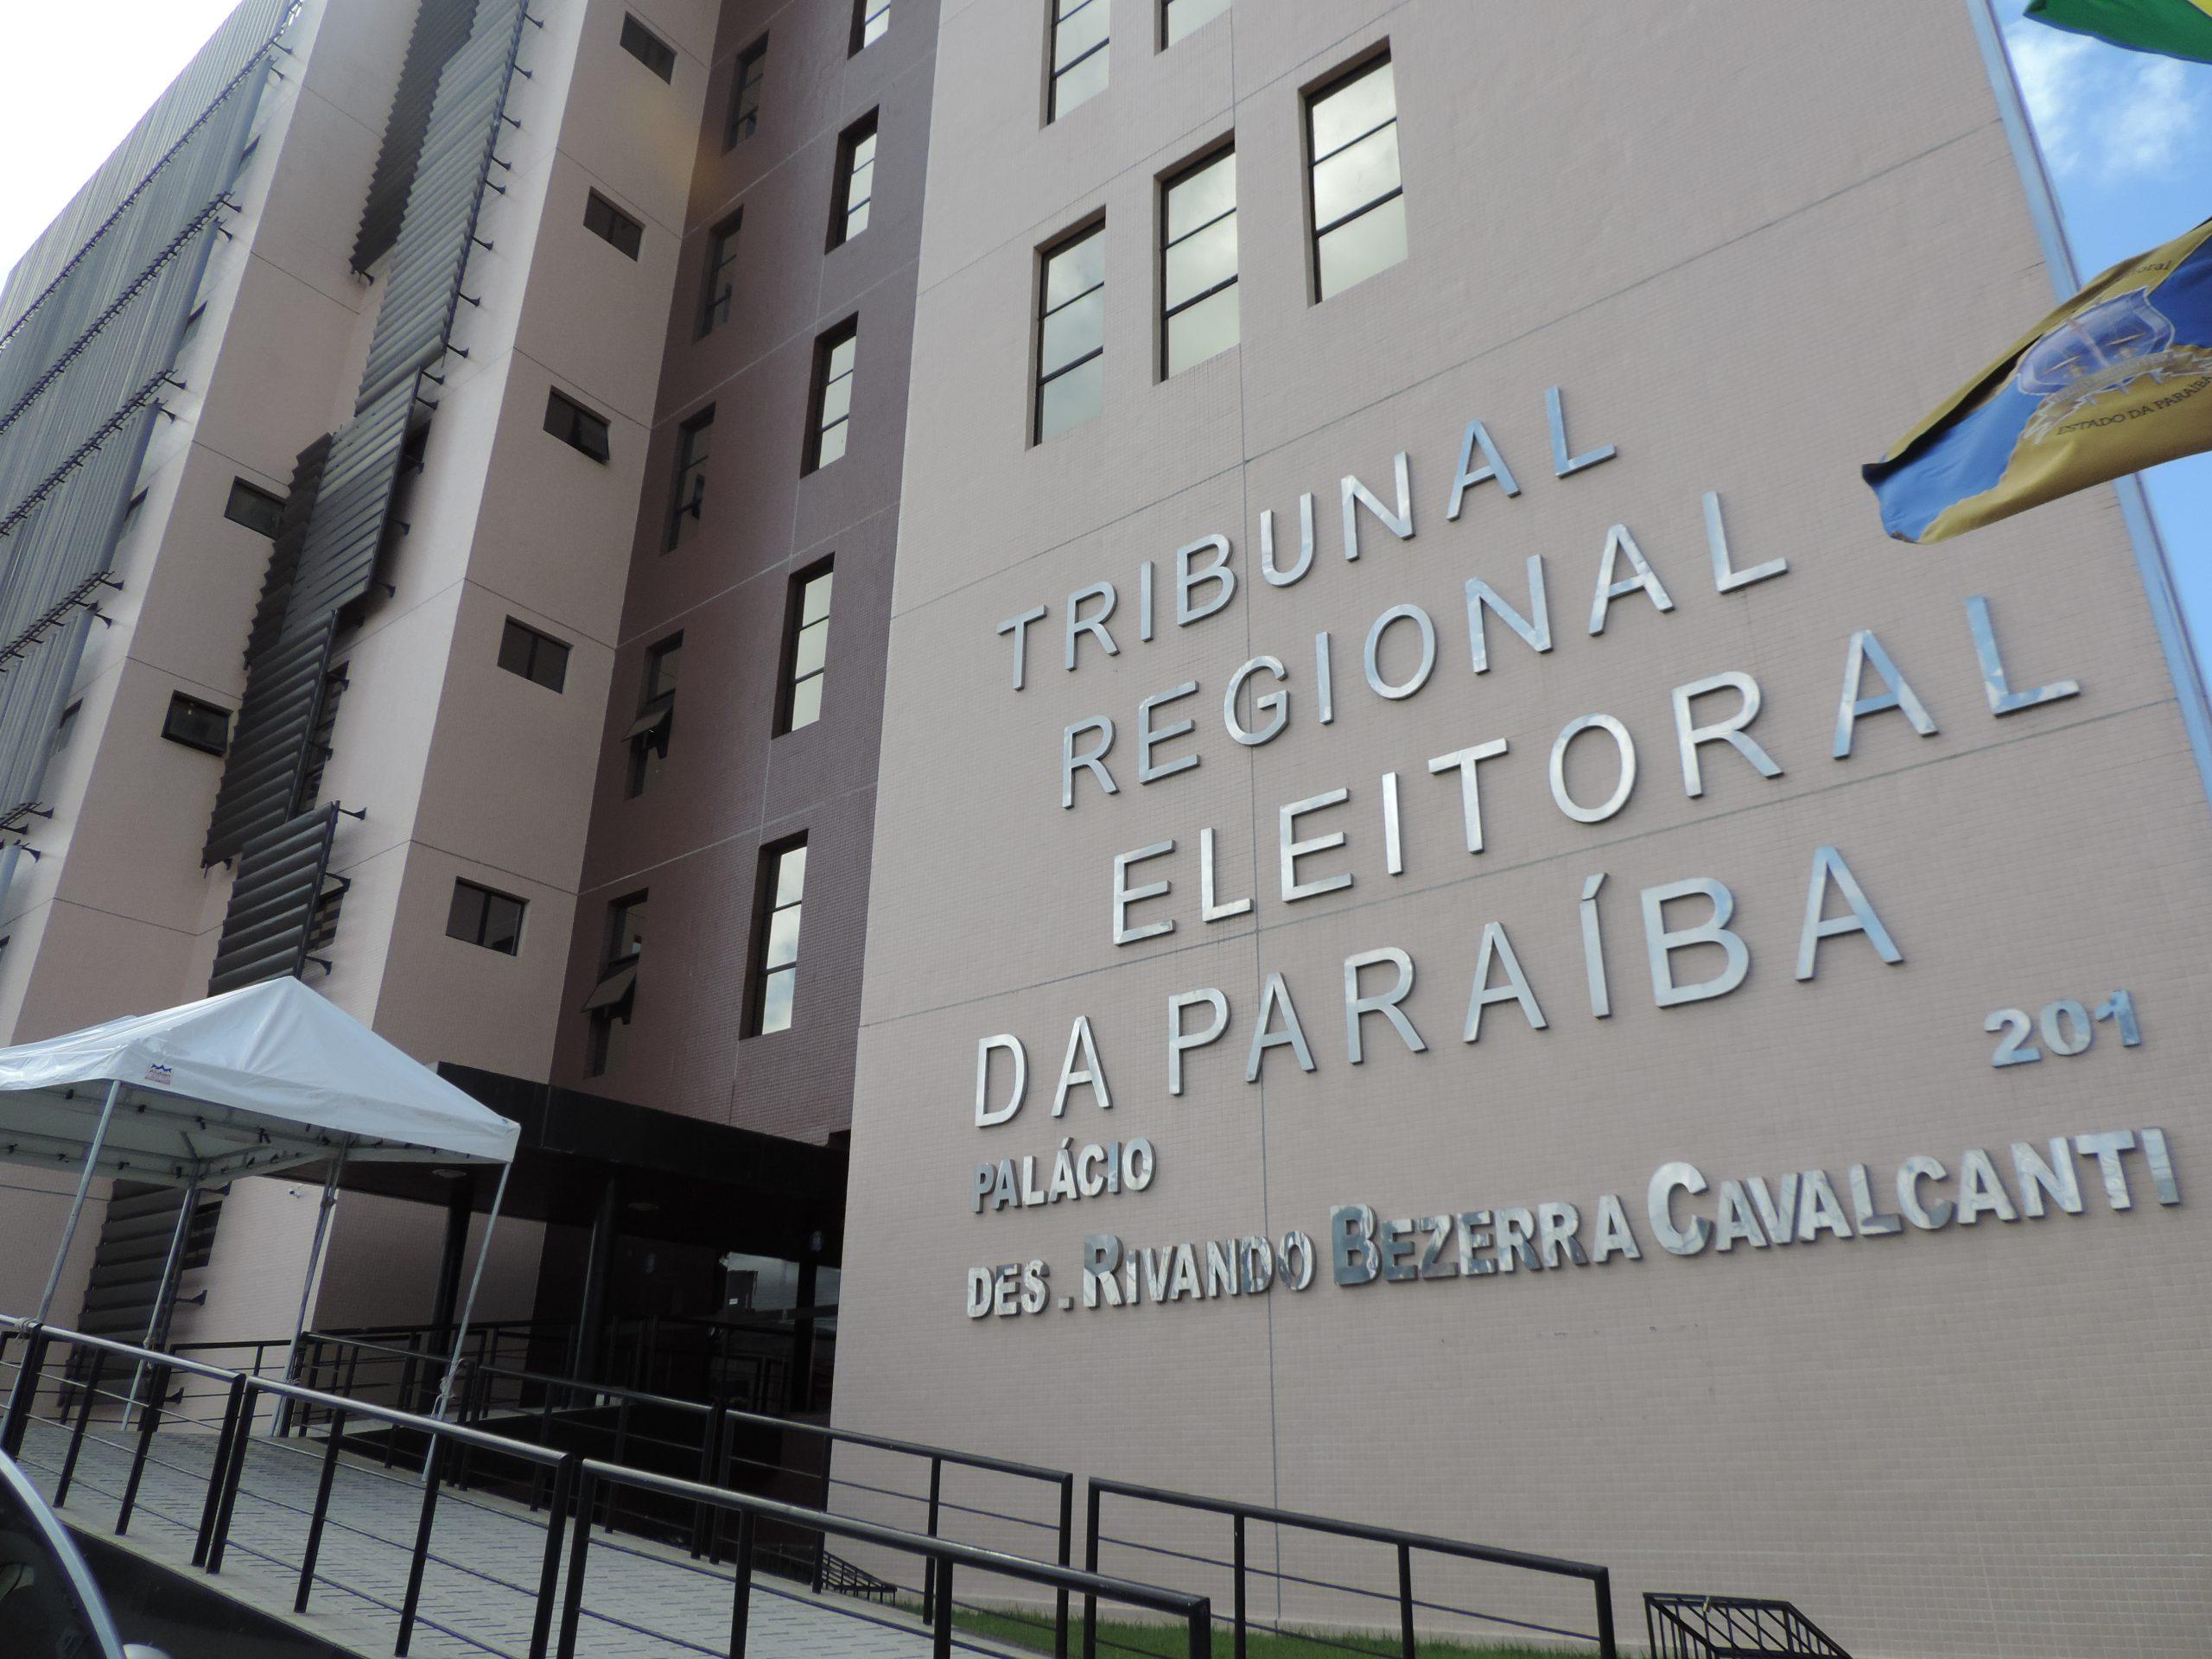 Tribunal Regional Eleitoral da Paraíba (TRE-PB) anuncia edital de concurso para junho! Oferta para técnicos e analistas!